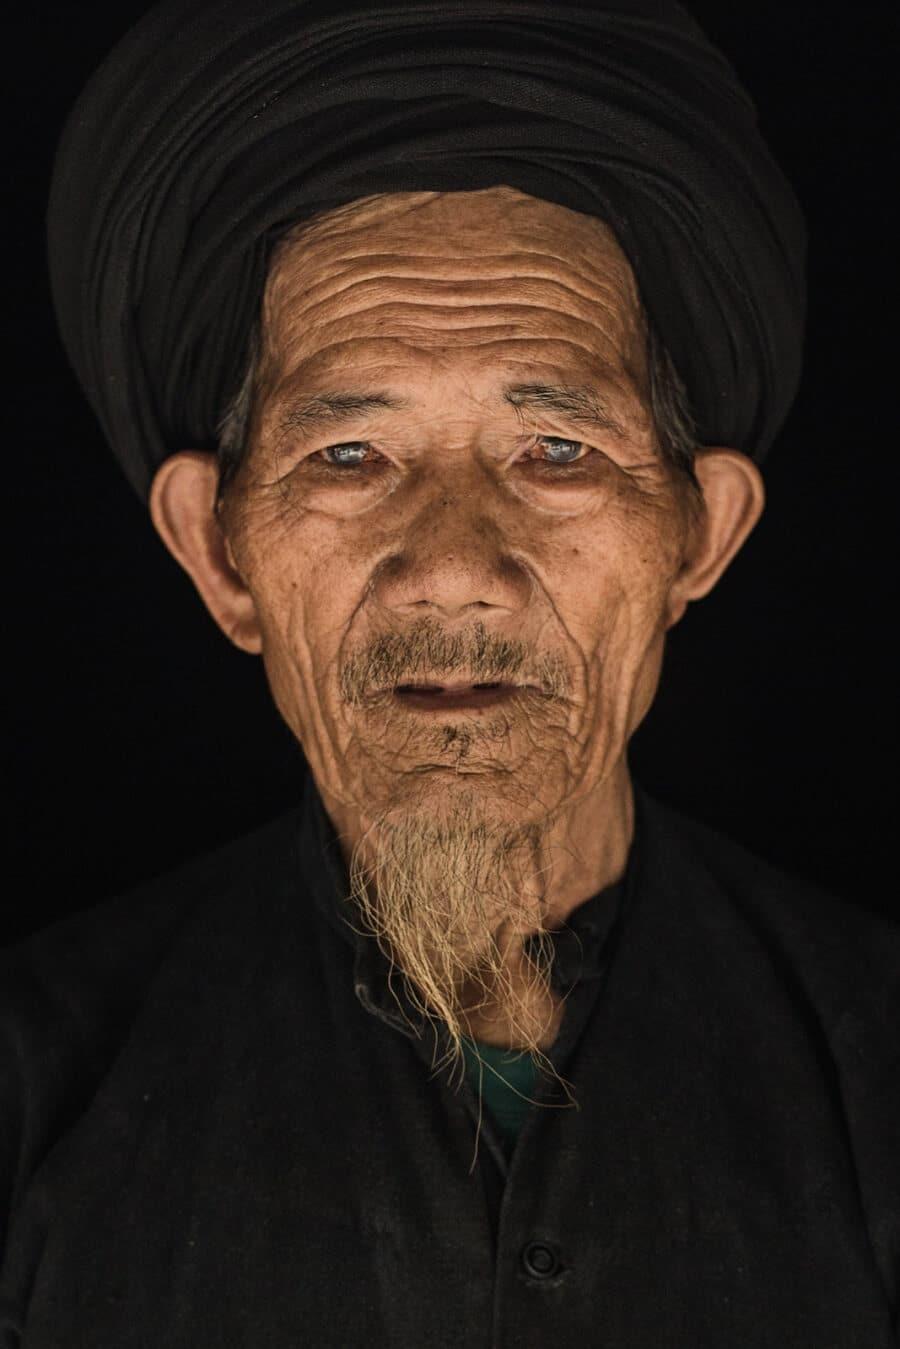 Vietnam, Réhahn, photo ethnies